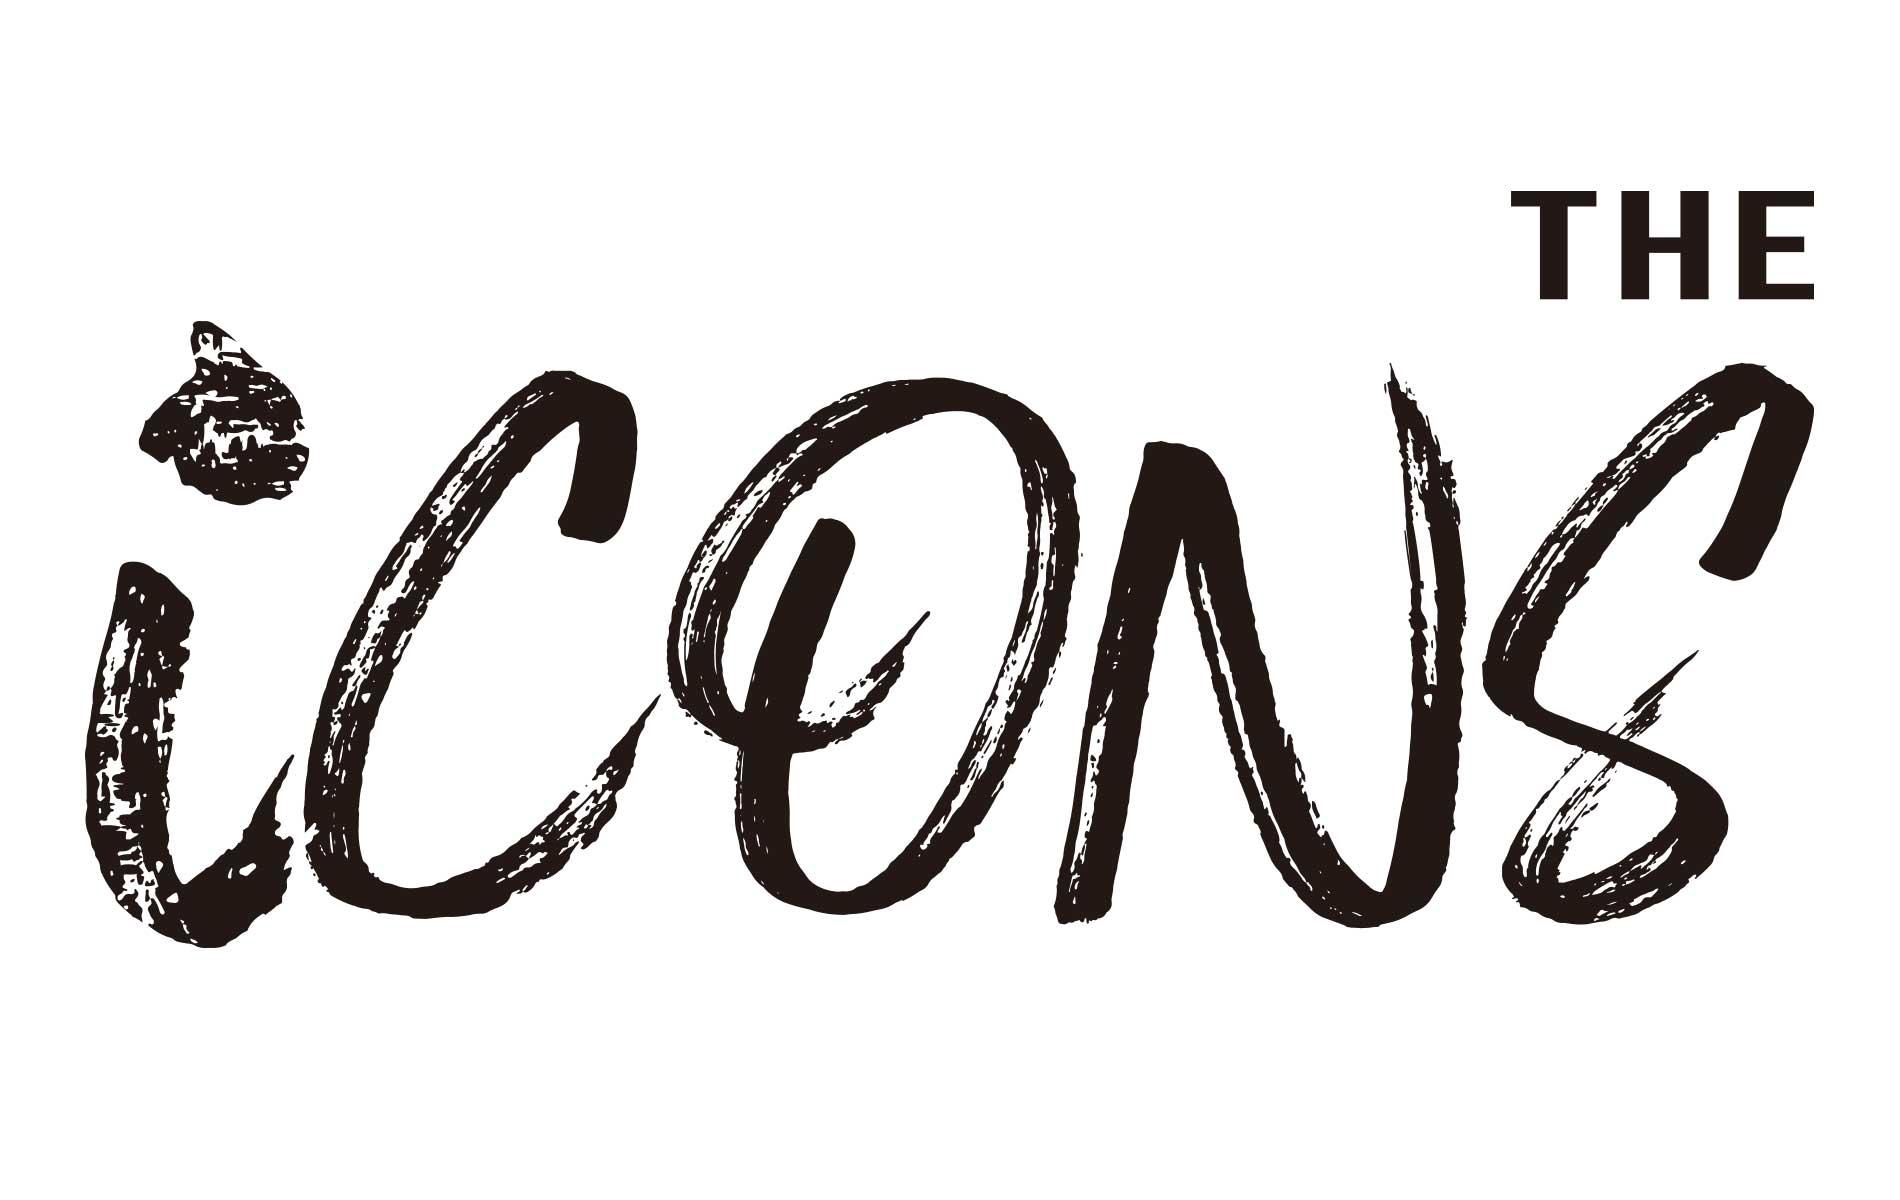 GKKJ THE ICONS